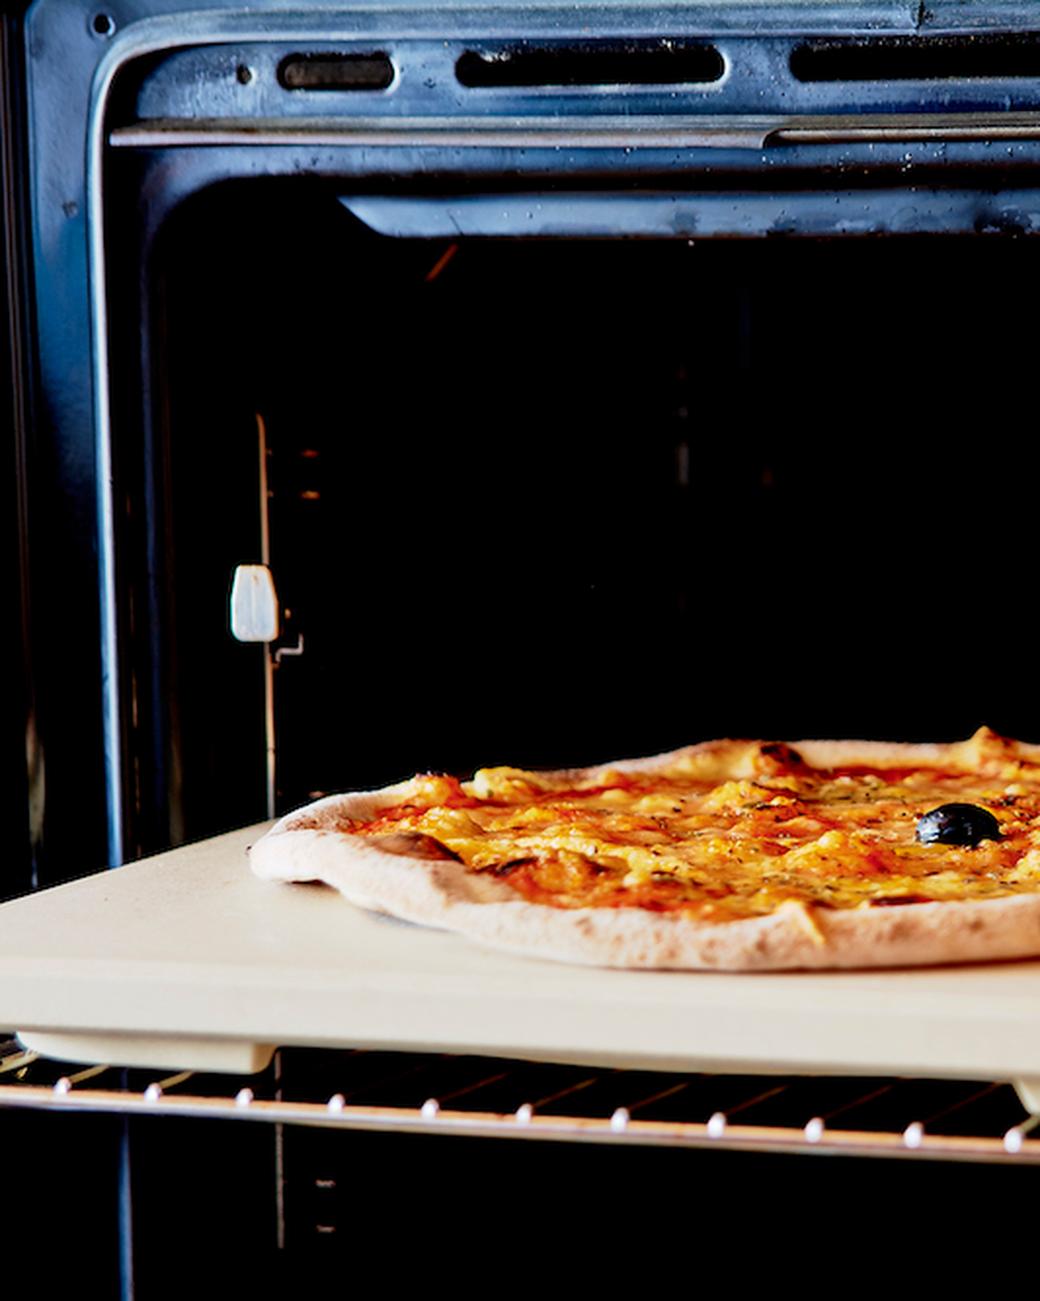 solido pizza stone